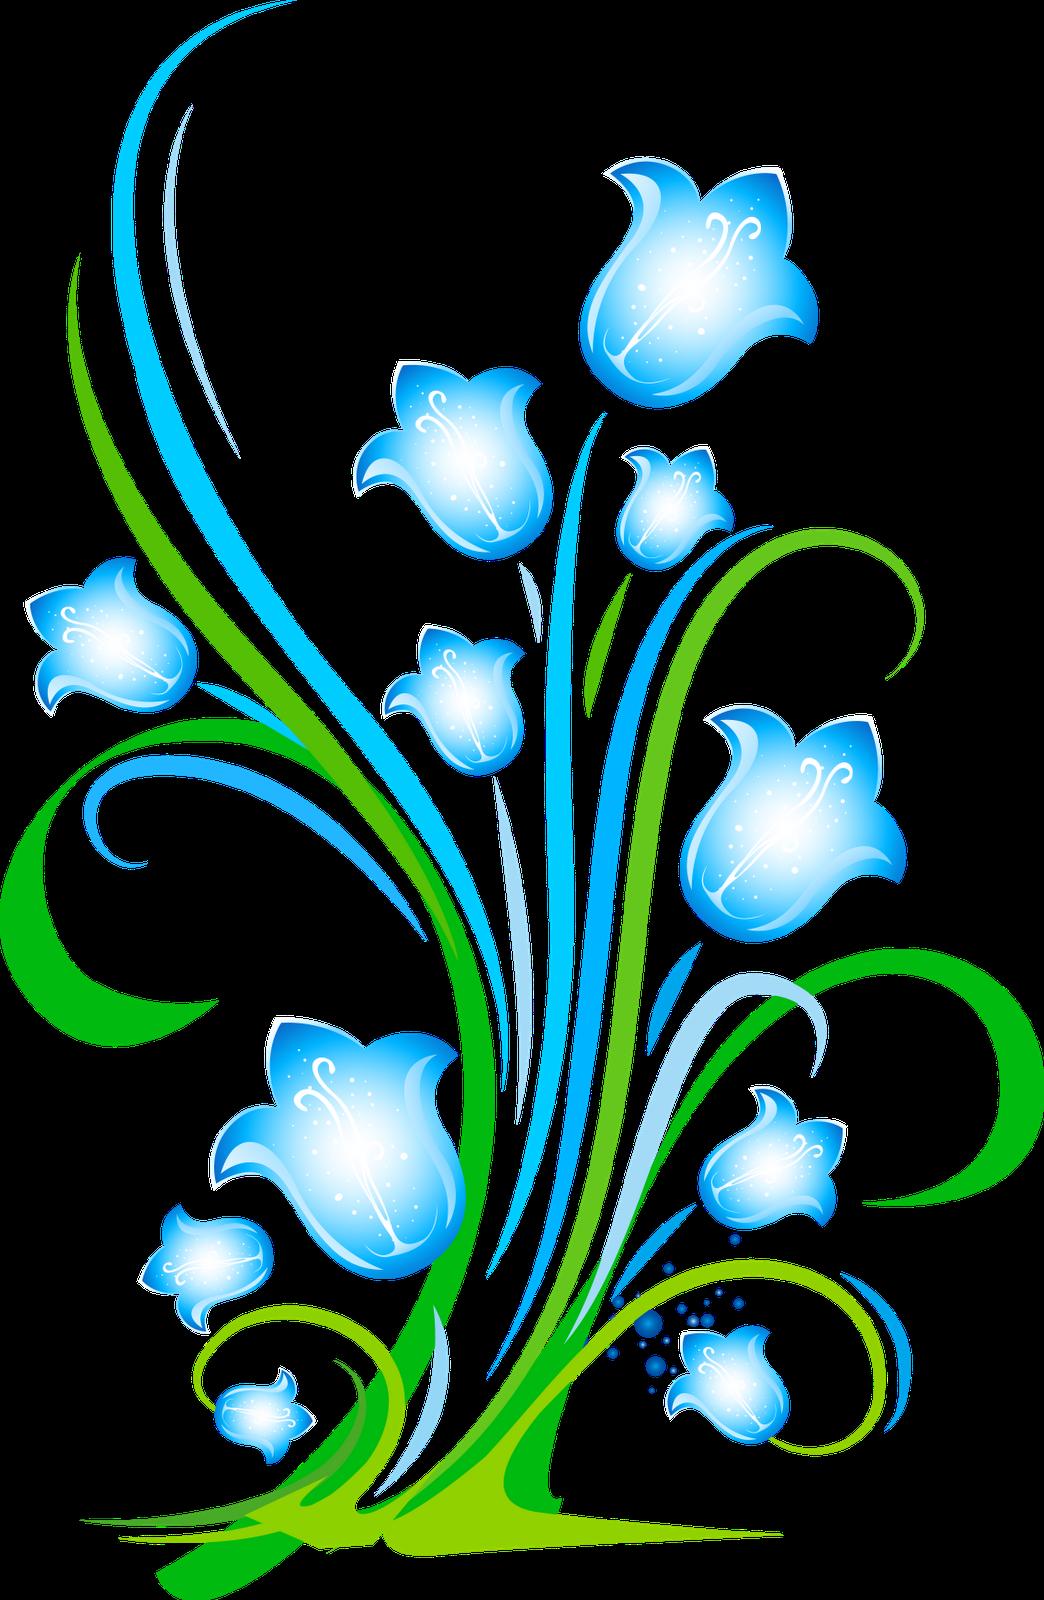 Flowers Vectors PNG Transparent Flowers Vectors.PNG Images.